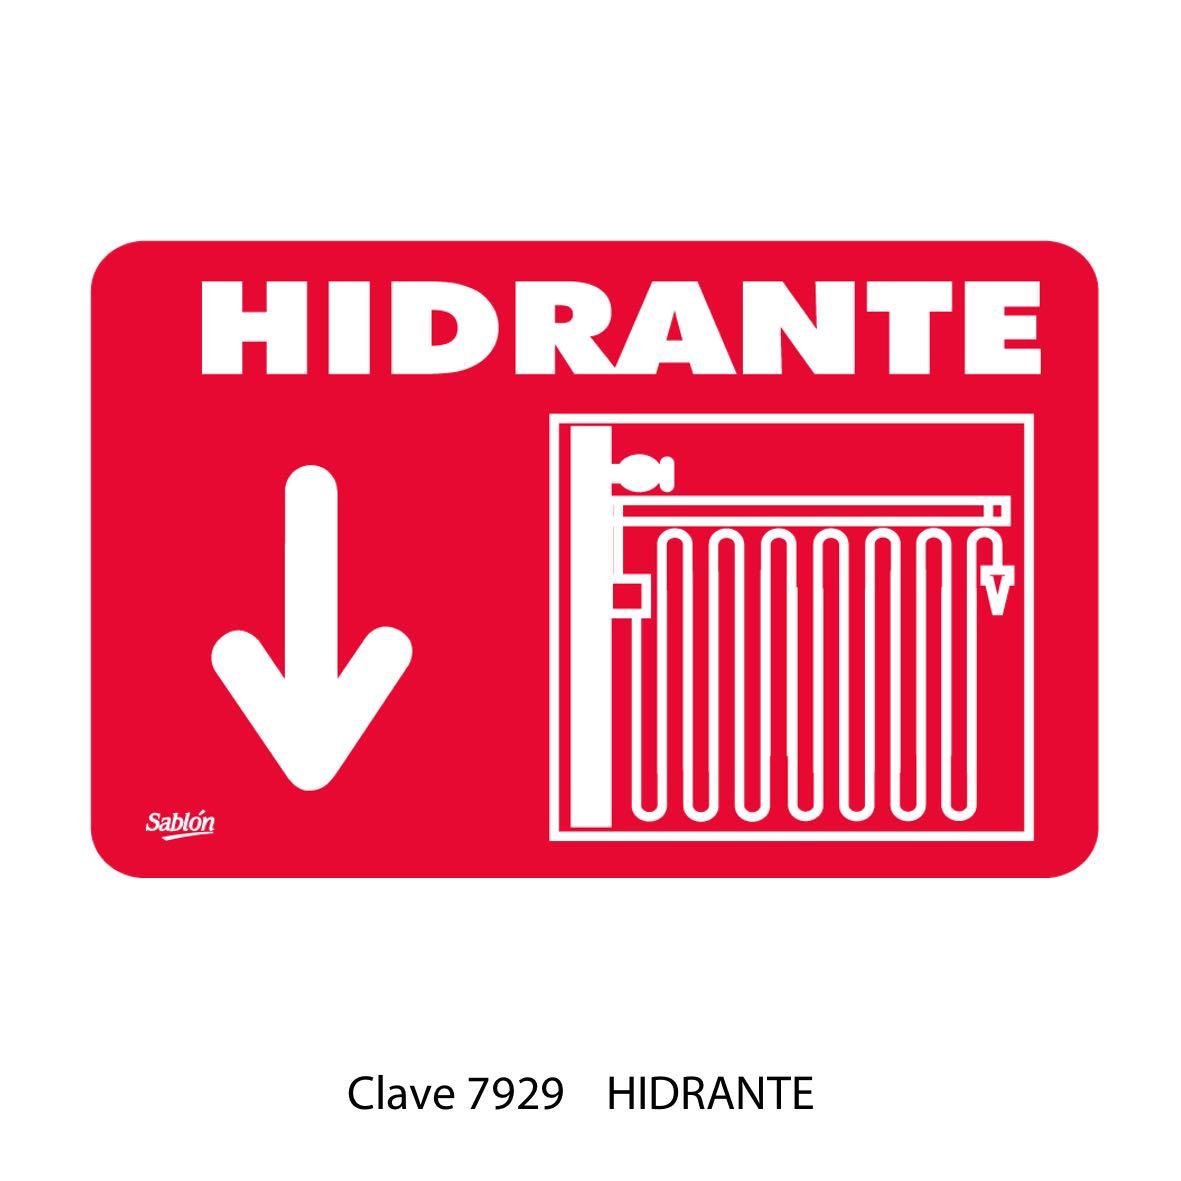 Señal de Hidratante Modelo 7929 - Sablón